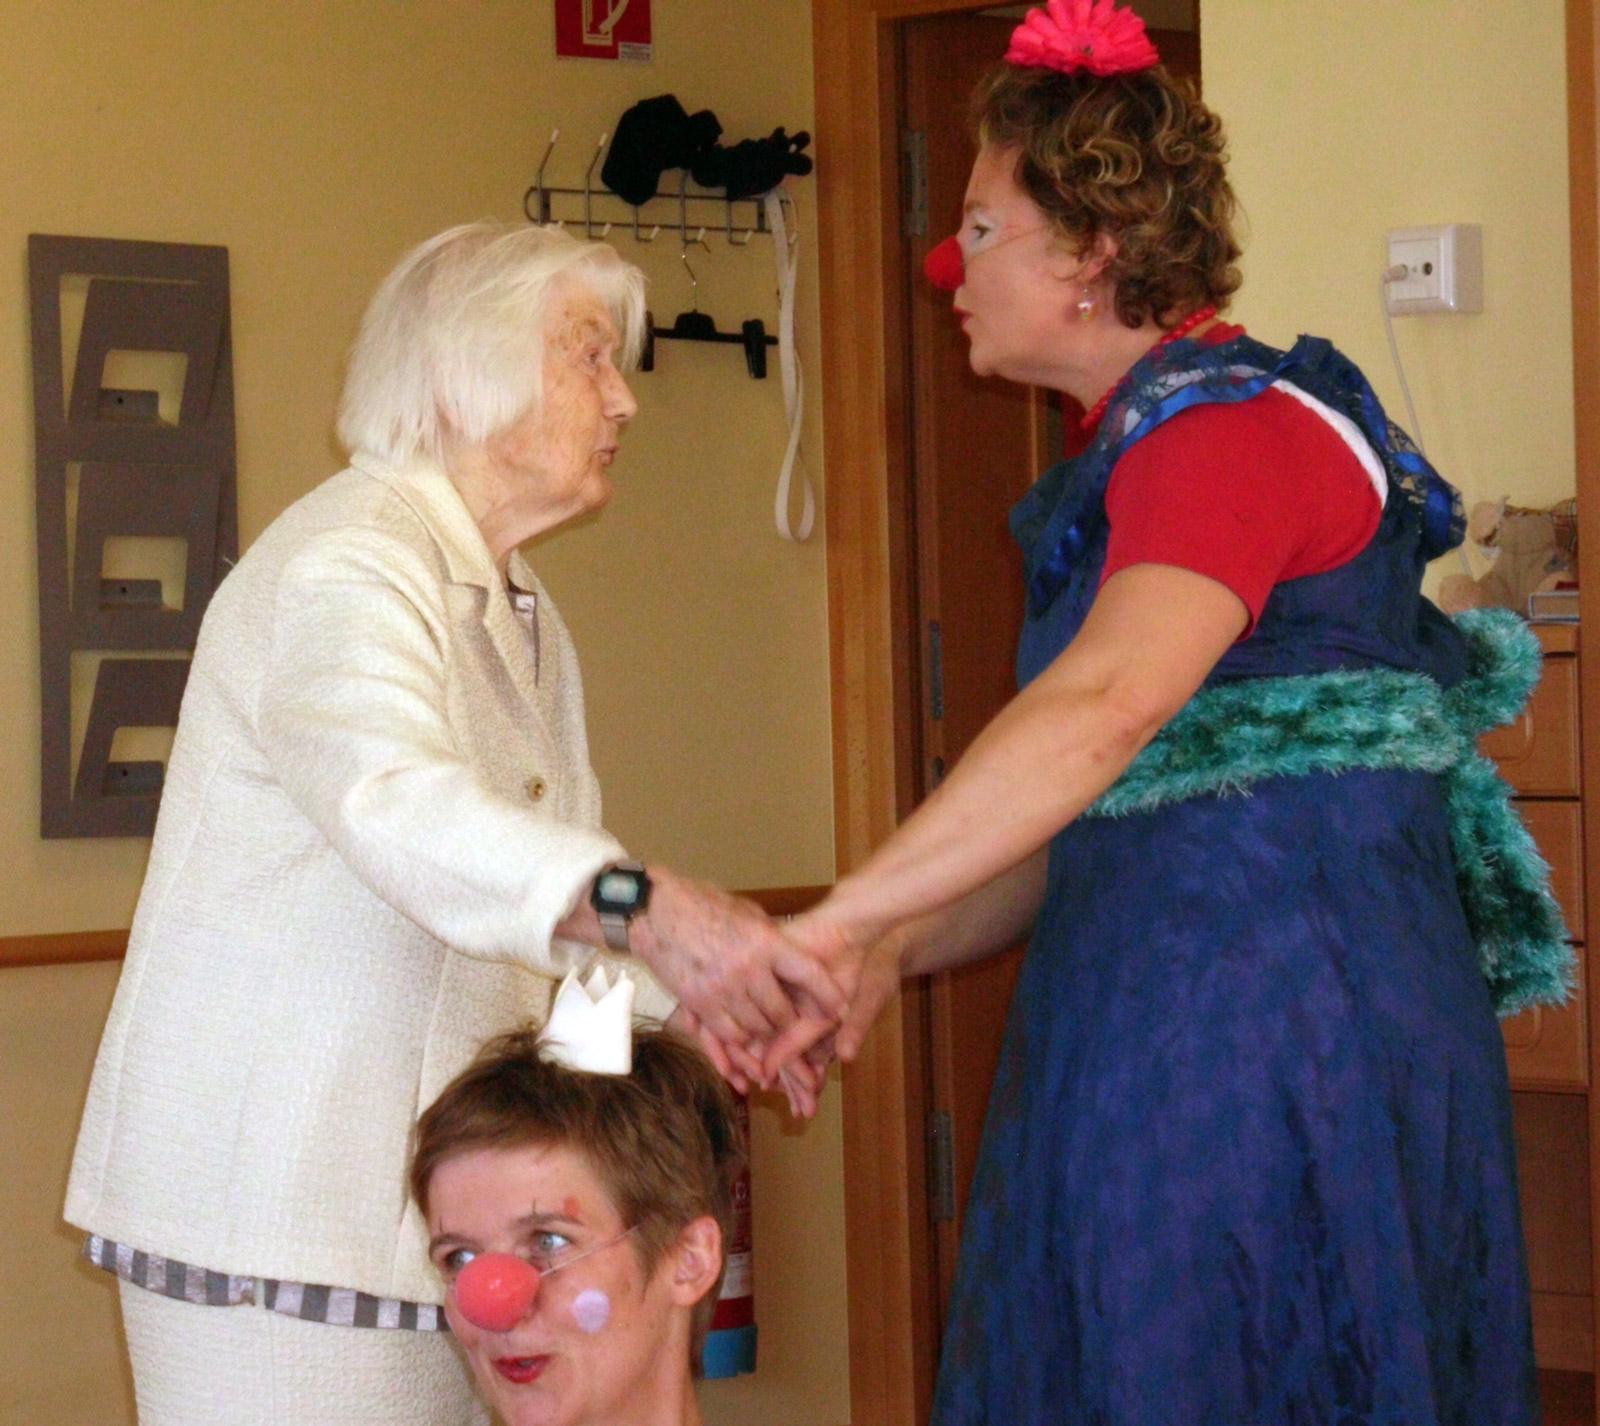 klinikclowns-seniorenheim-august-2011-08